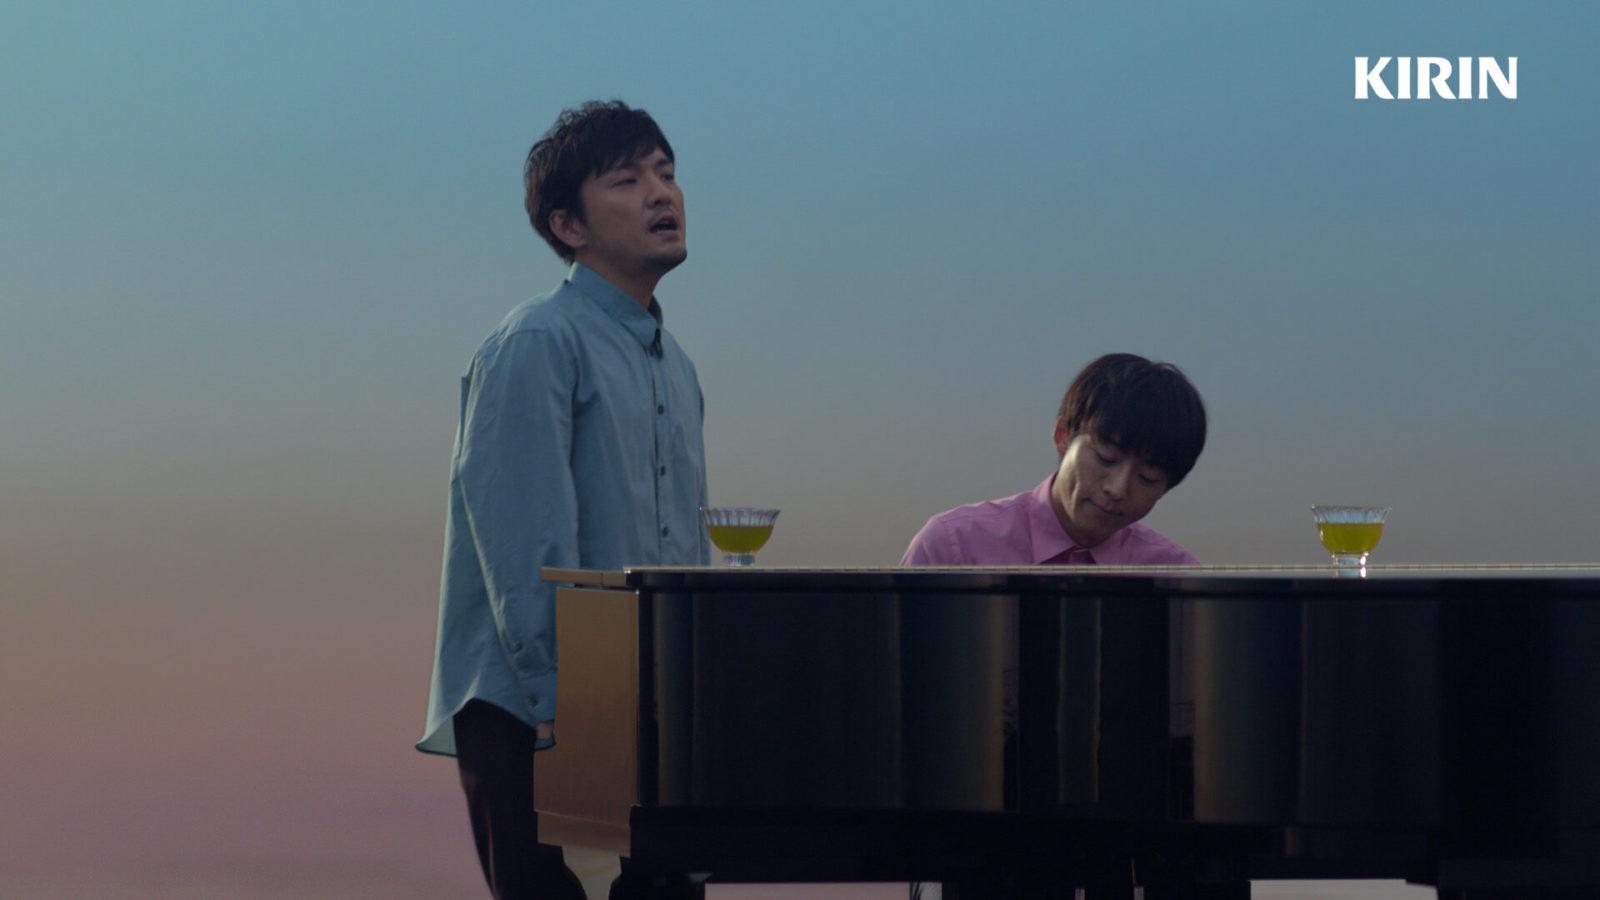 高橋一生、森山直太朗とのCM共演で見せたピアノ演奏姿にファン悶絶「素敵すぎ」サムネイル画像